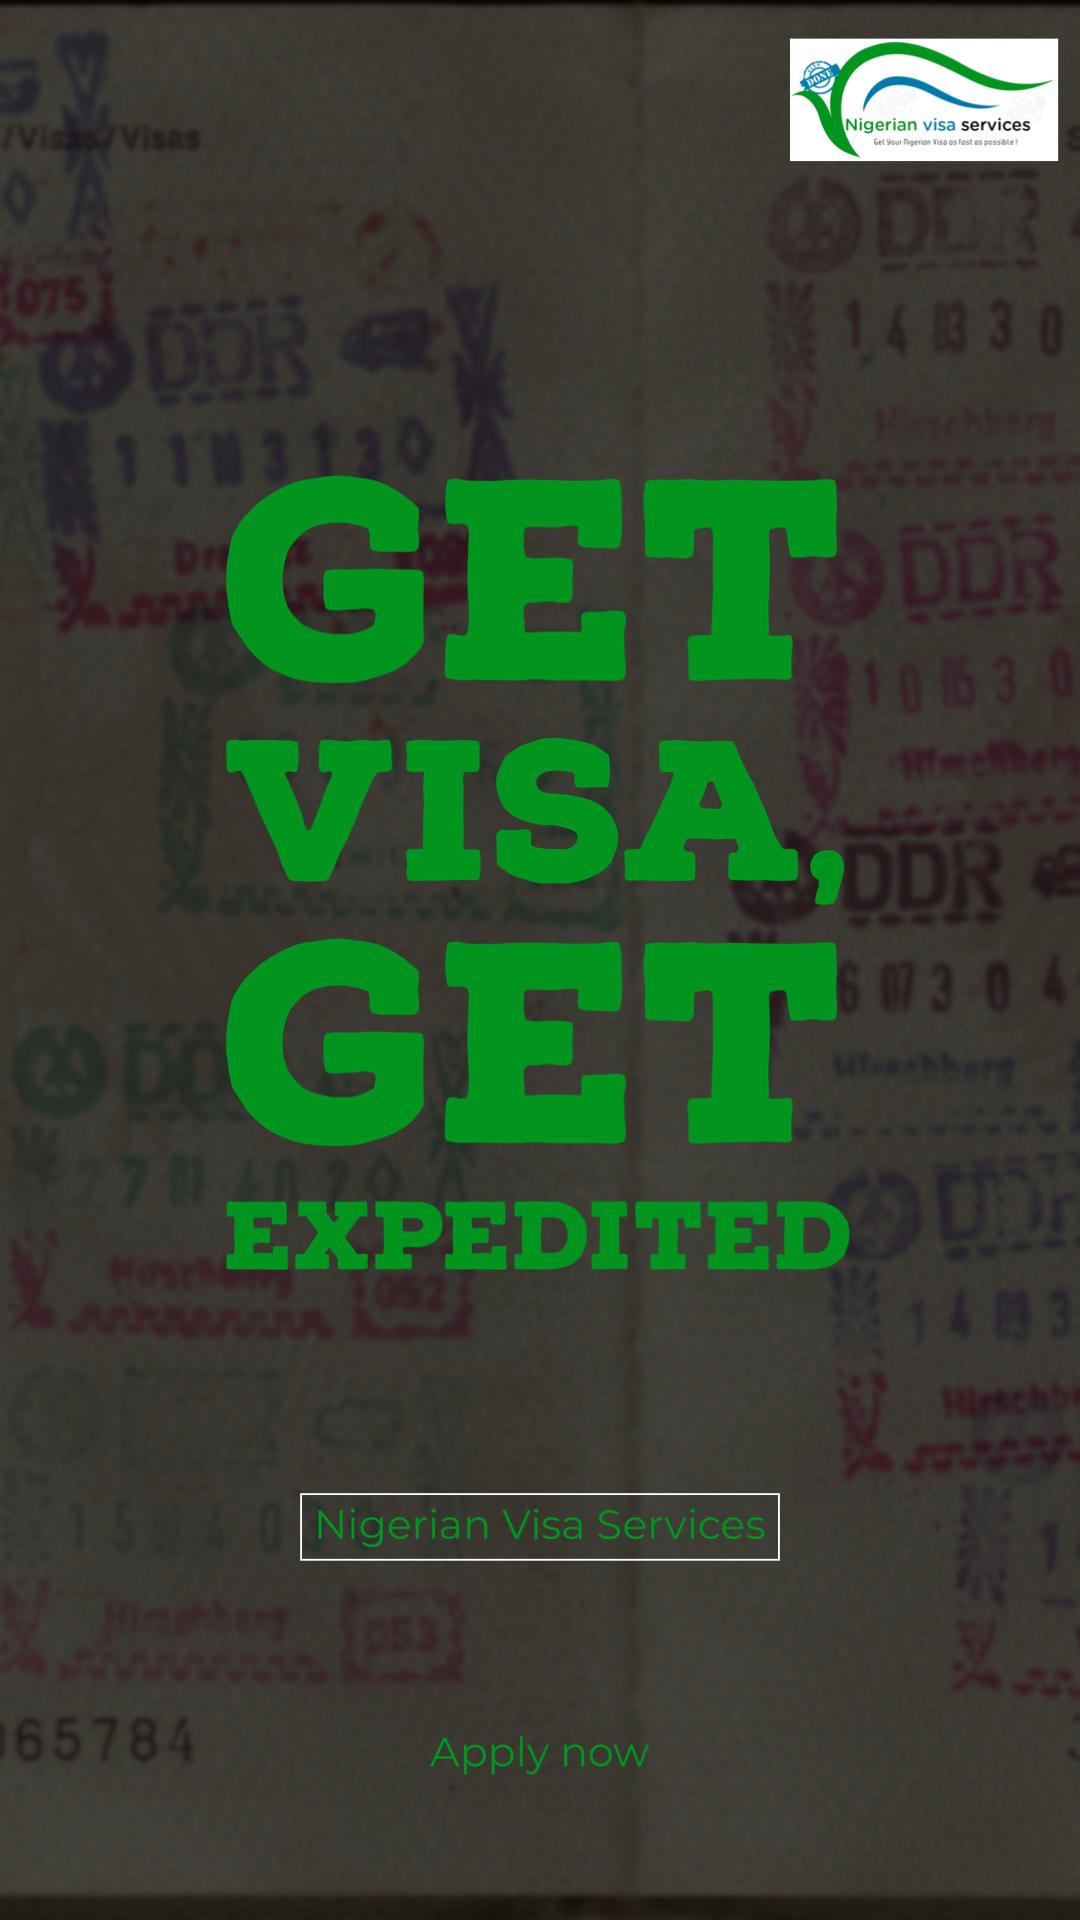 a1ae5d40452077071a4deb3ea5b3d32e - How Long Does A Nigerian Visa Take To Get